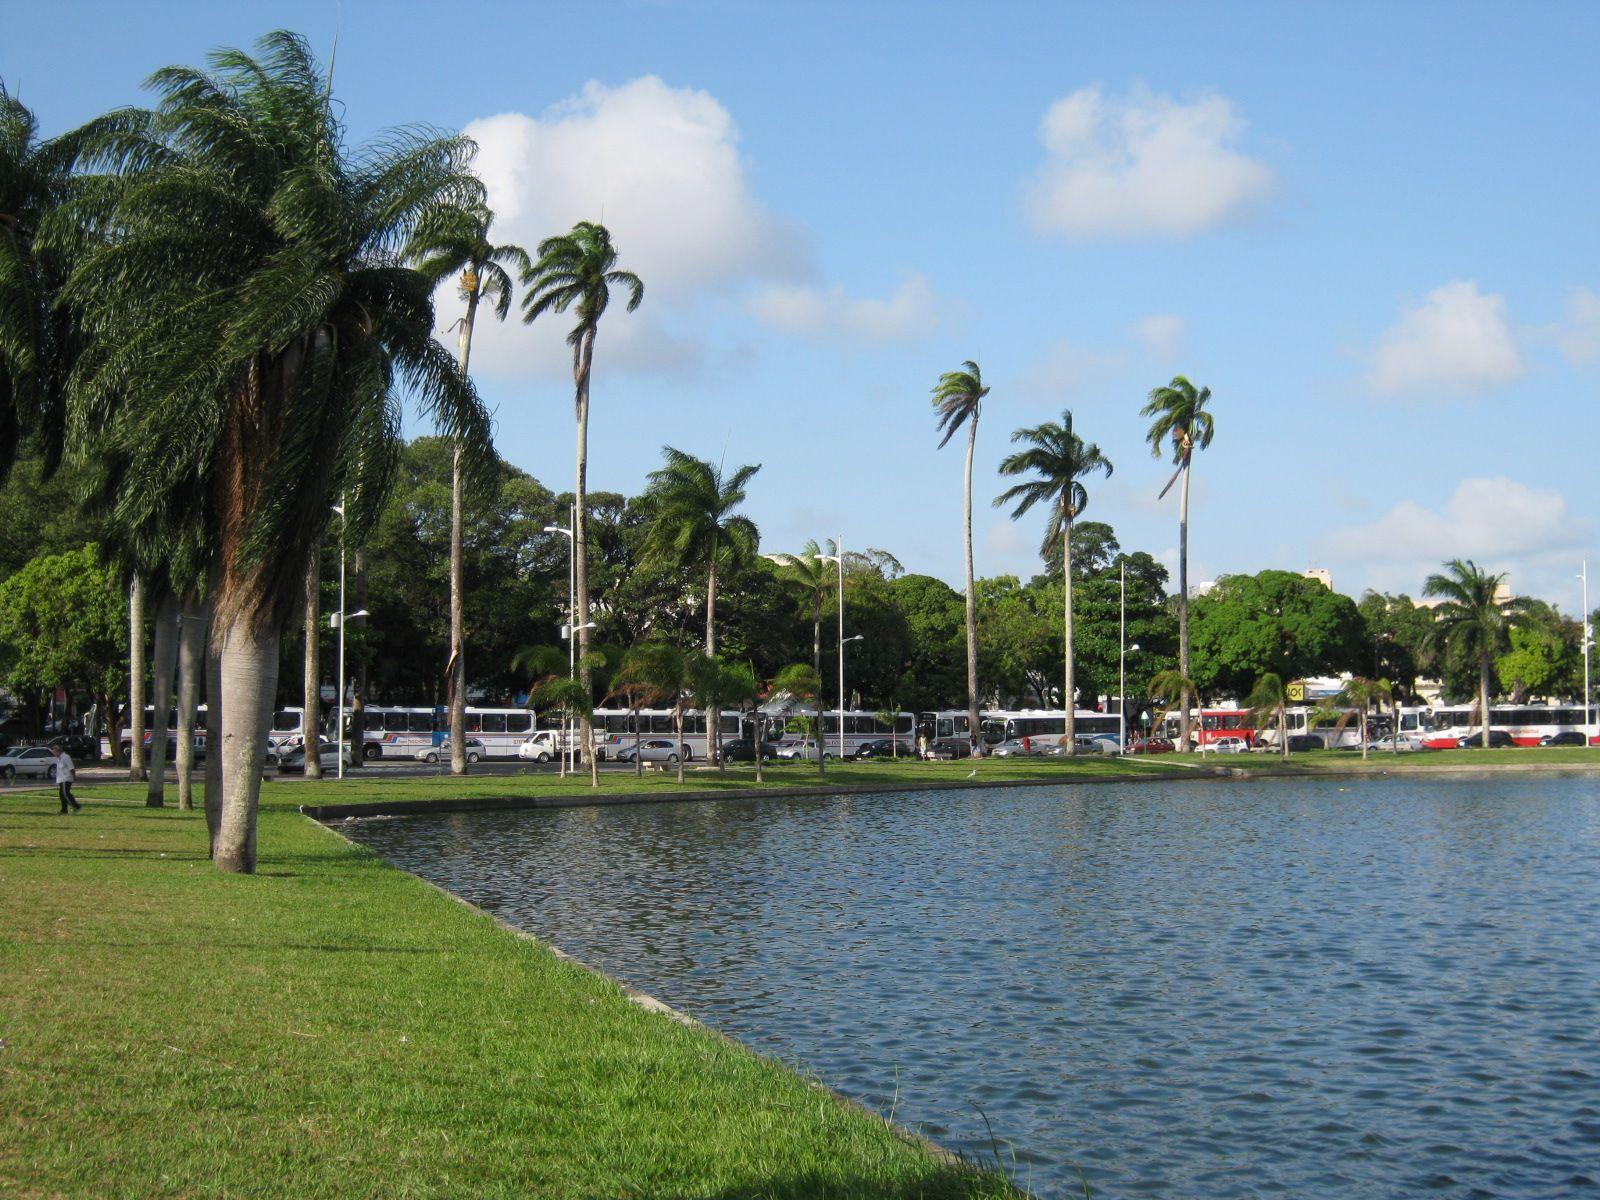 Ônibus de João Pessoa irão trafegar no anel externo do parque Solon de Lucena aos domingos